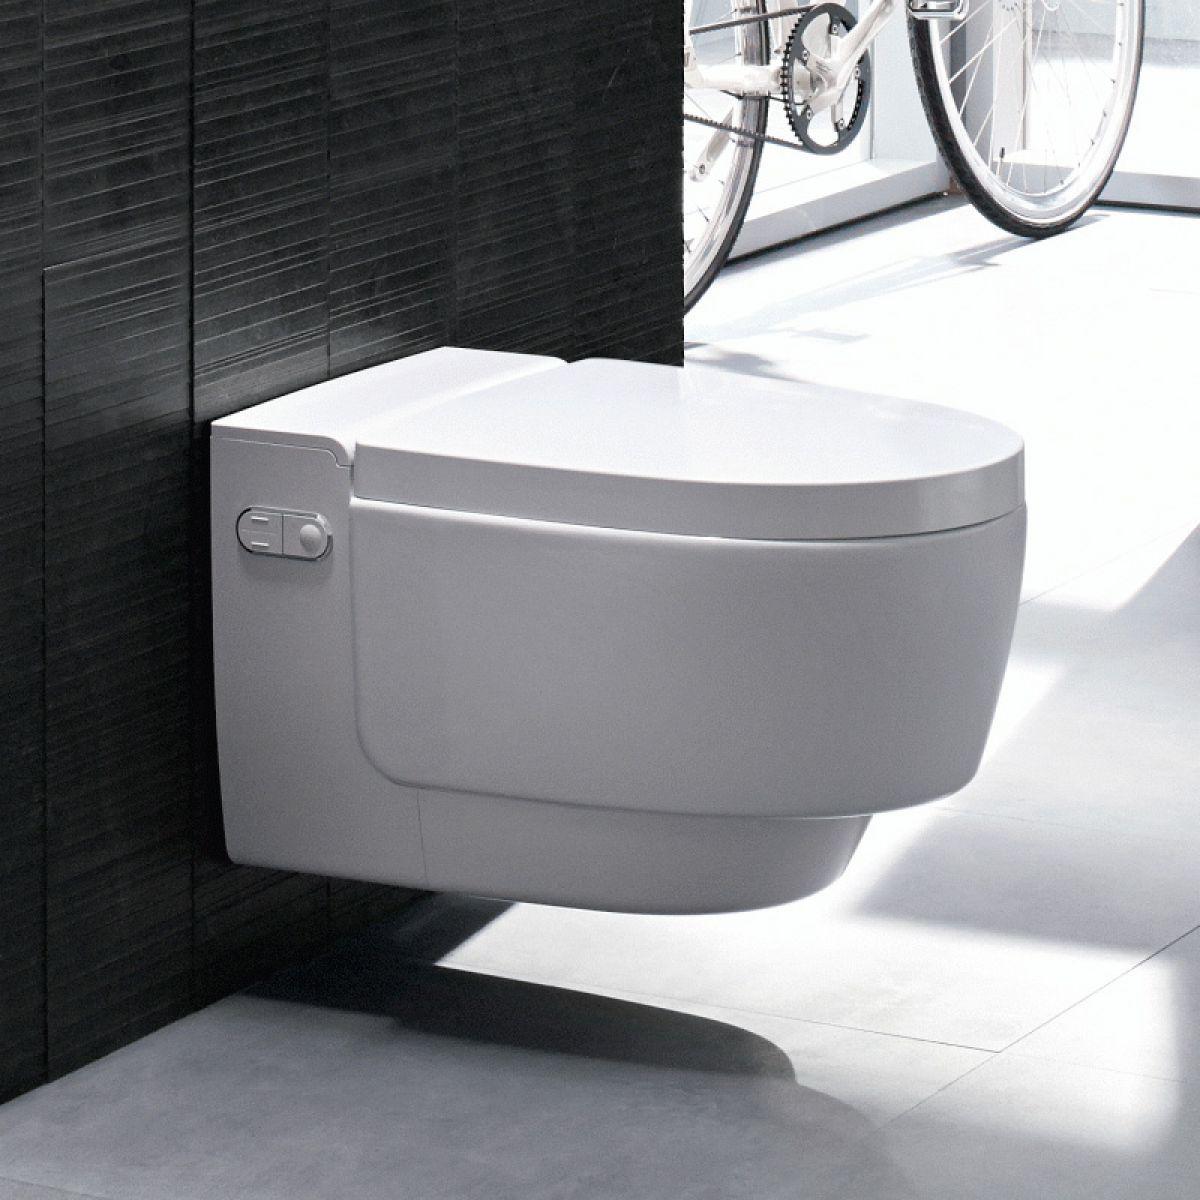 geberit wc labant aquaclean